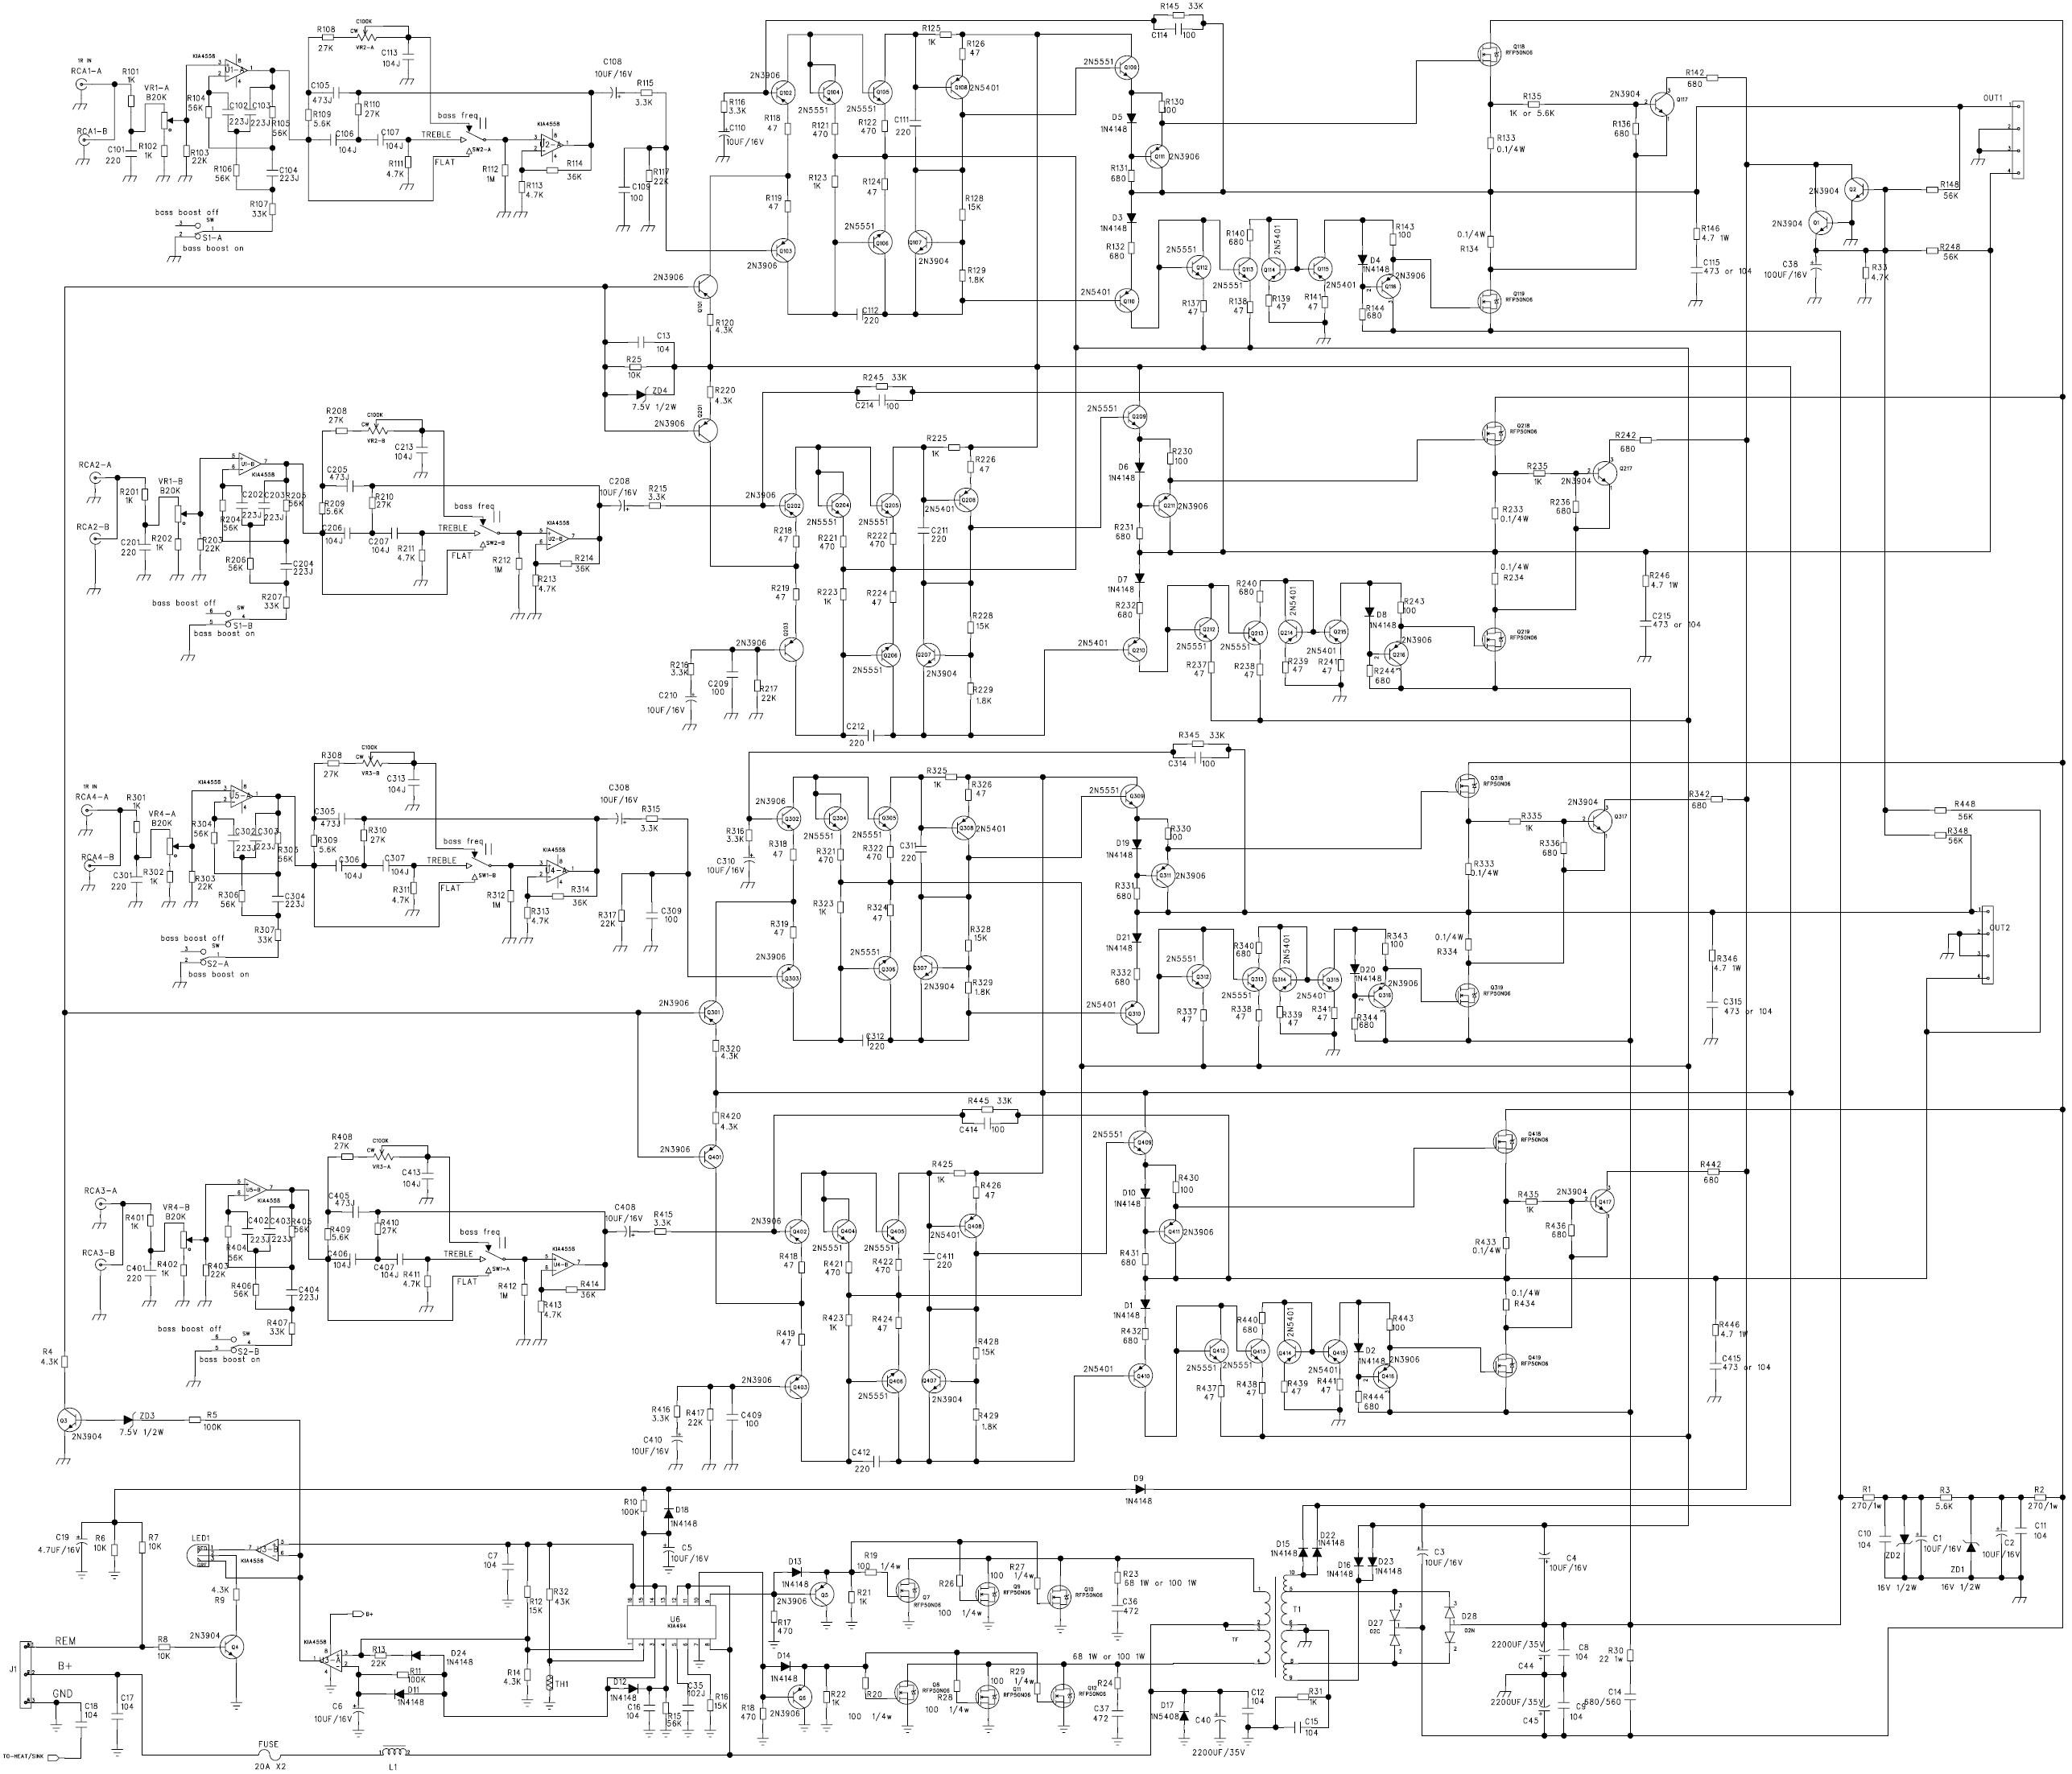 схема усилителя для автомагнитолы на основе m51164al